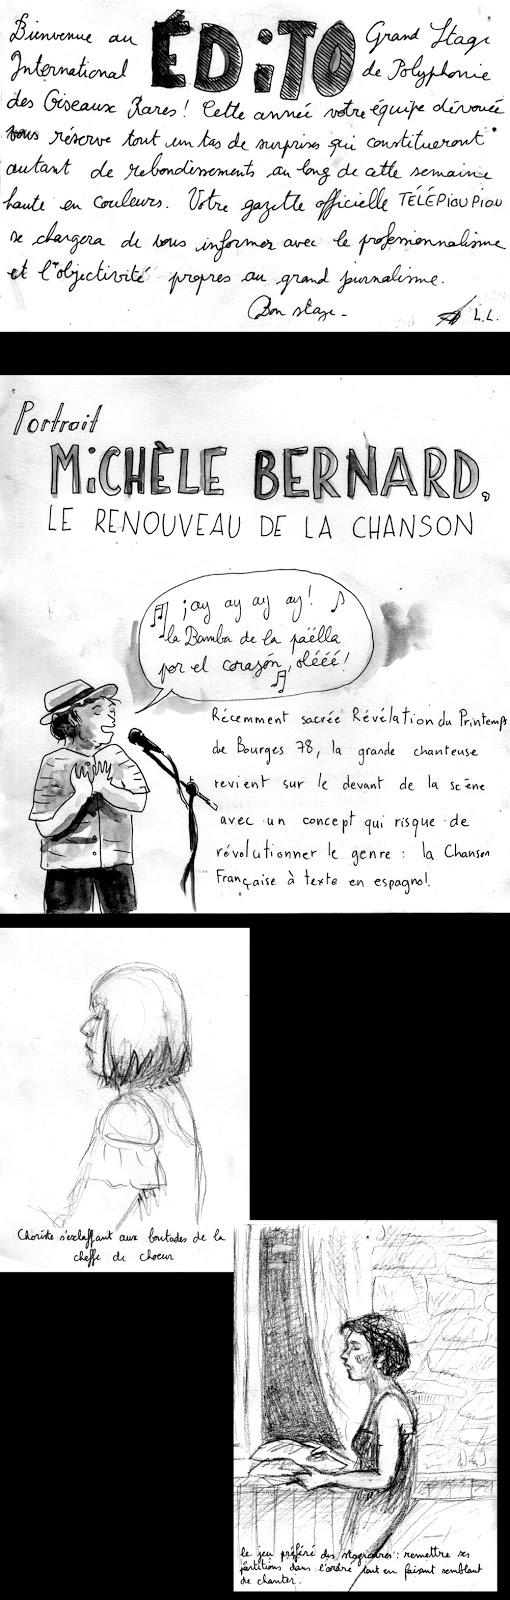 """Le titre/thème de la semaine c'est """"Gracias a la Vida"""", pas mal pour un stage de chanson française!!"""